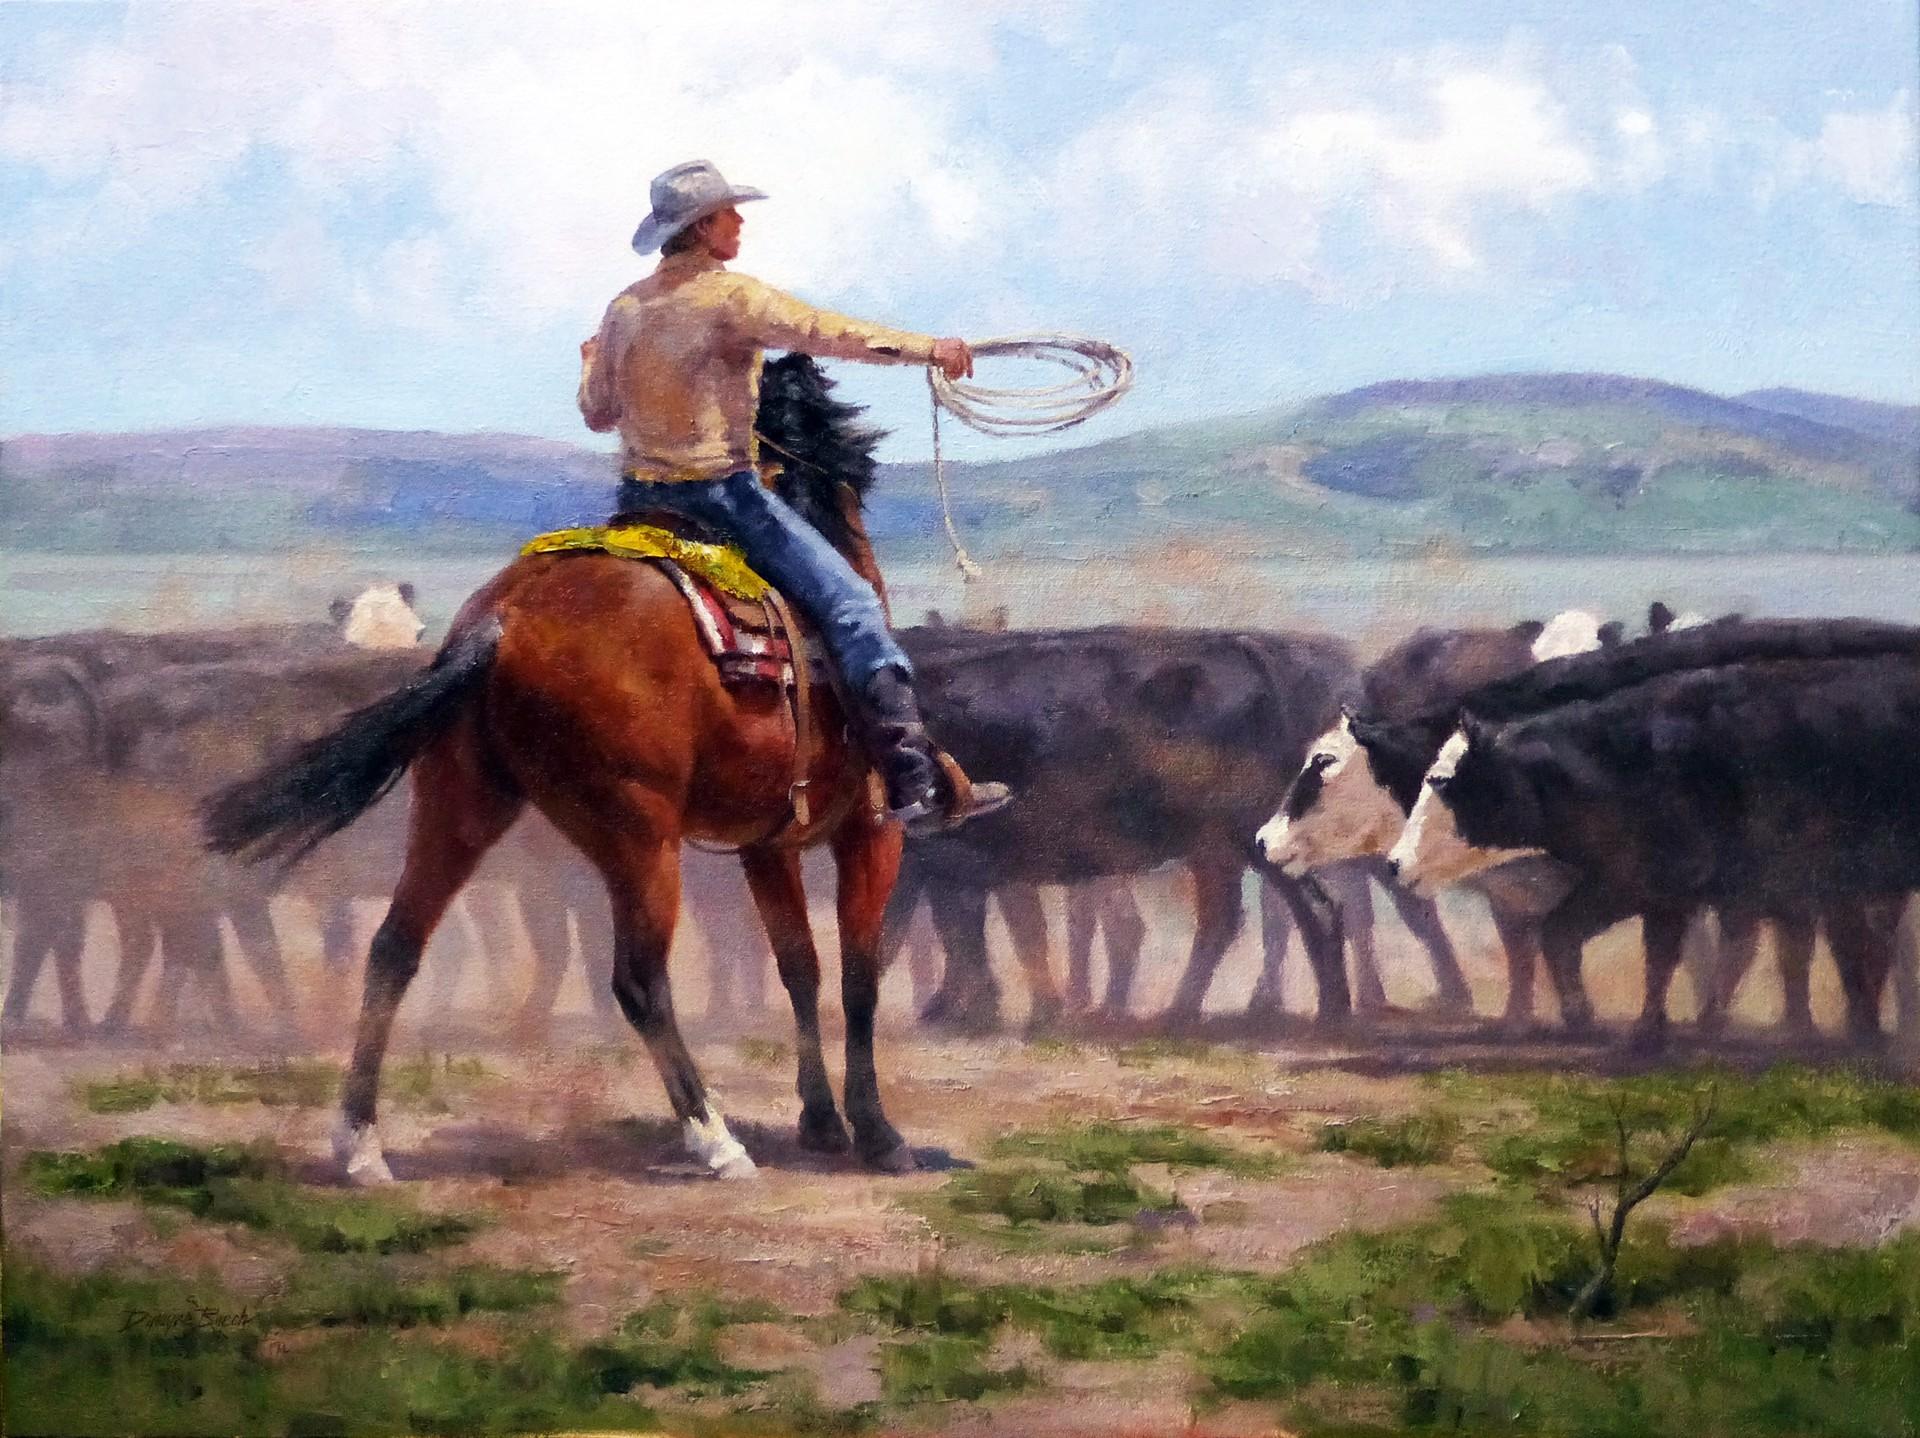 Chaos Control (Cowboy) by Dwayne Brech